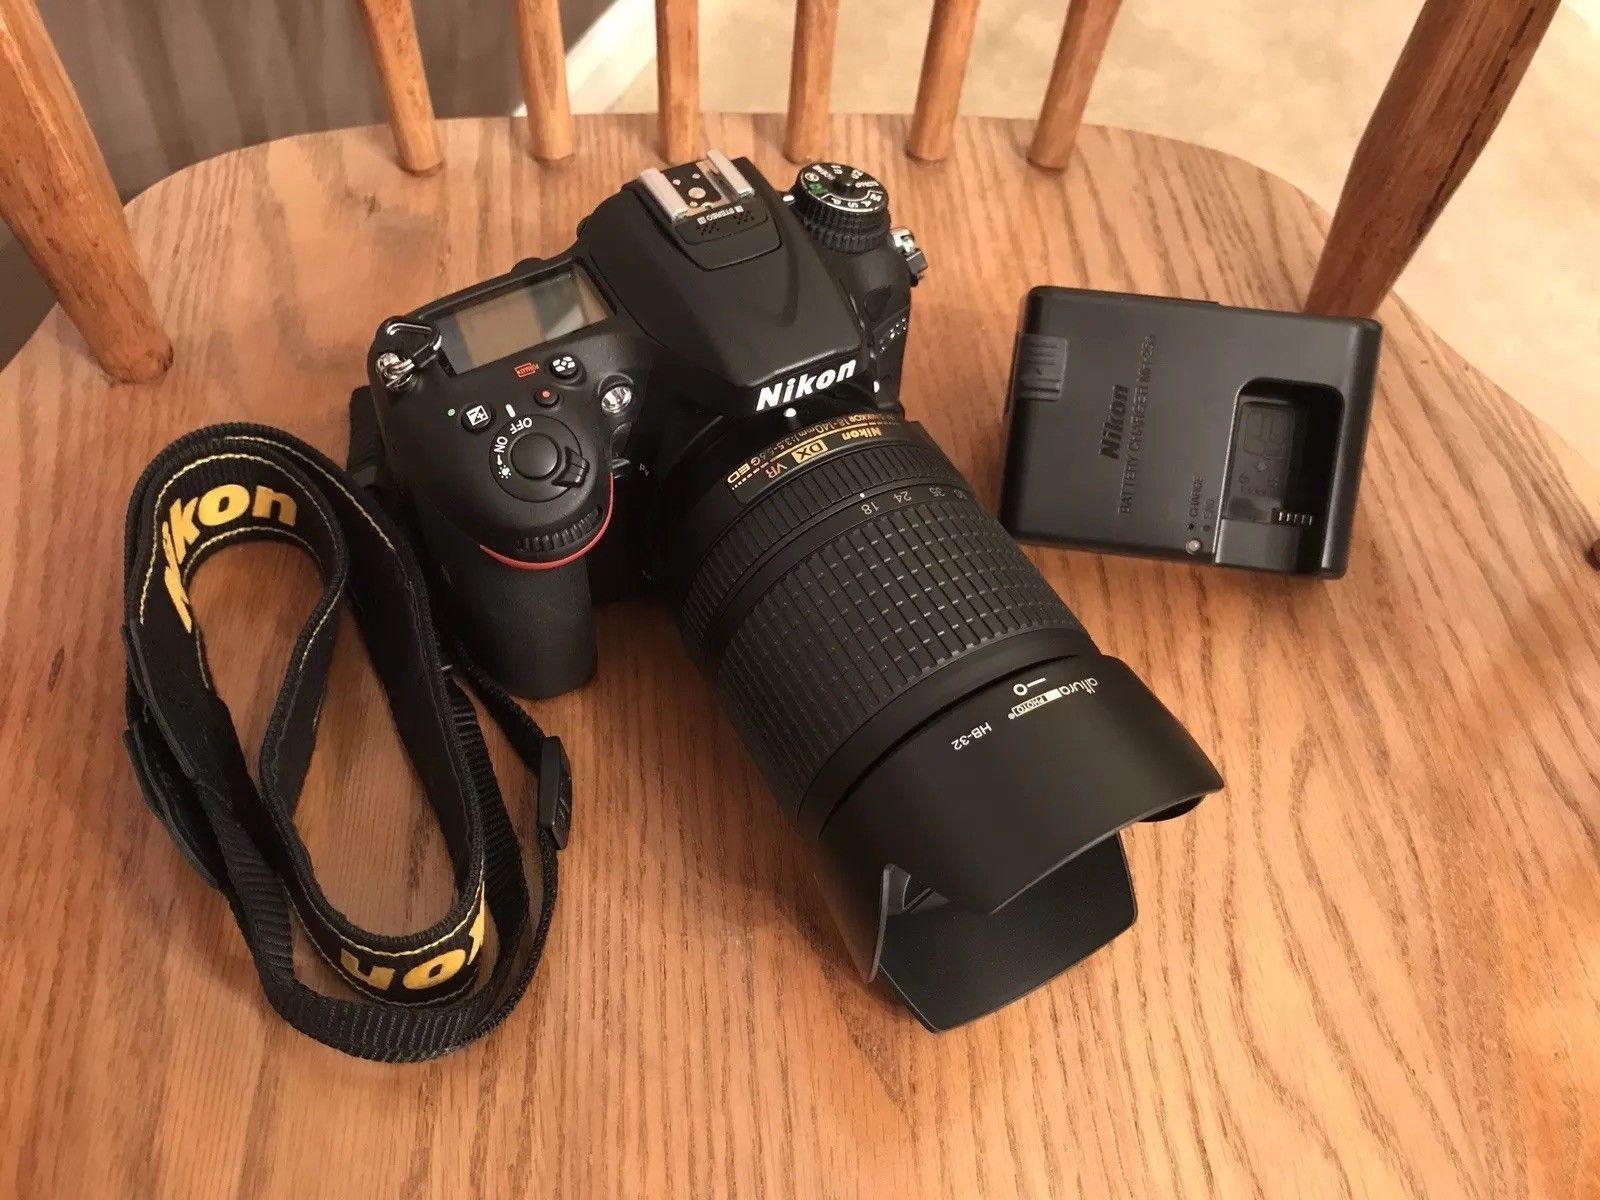 Nikon D7200 Dx Format Dslr W 18 140mm Vr Lens Black Vr Lens Digital Camera Nikon D7200